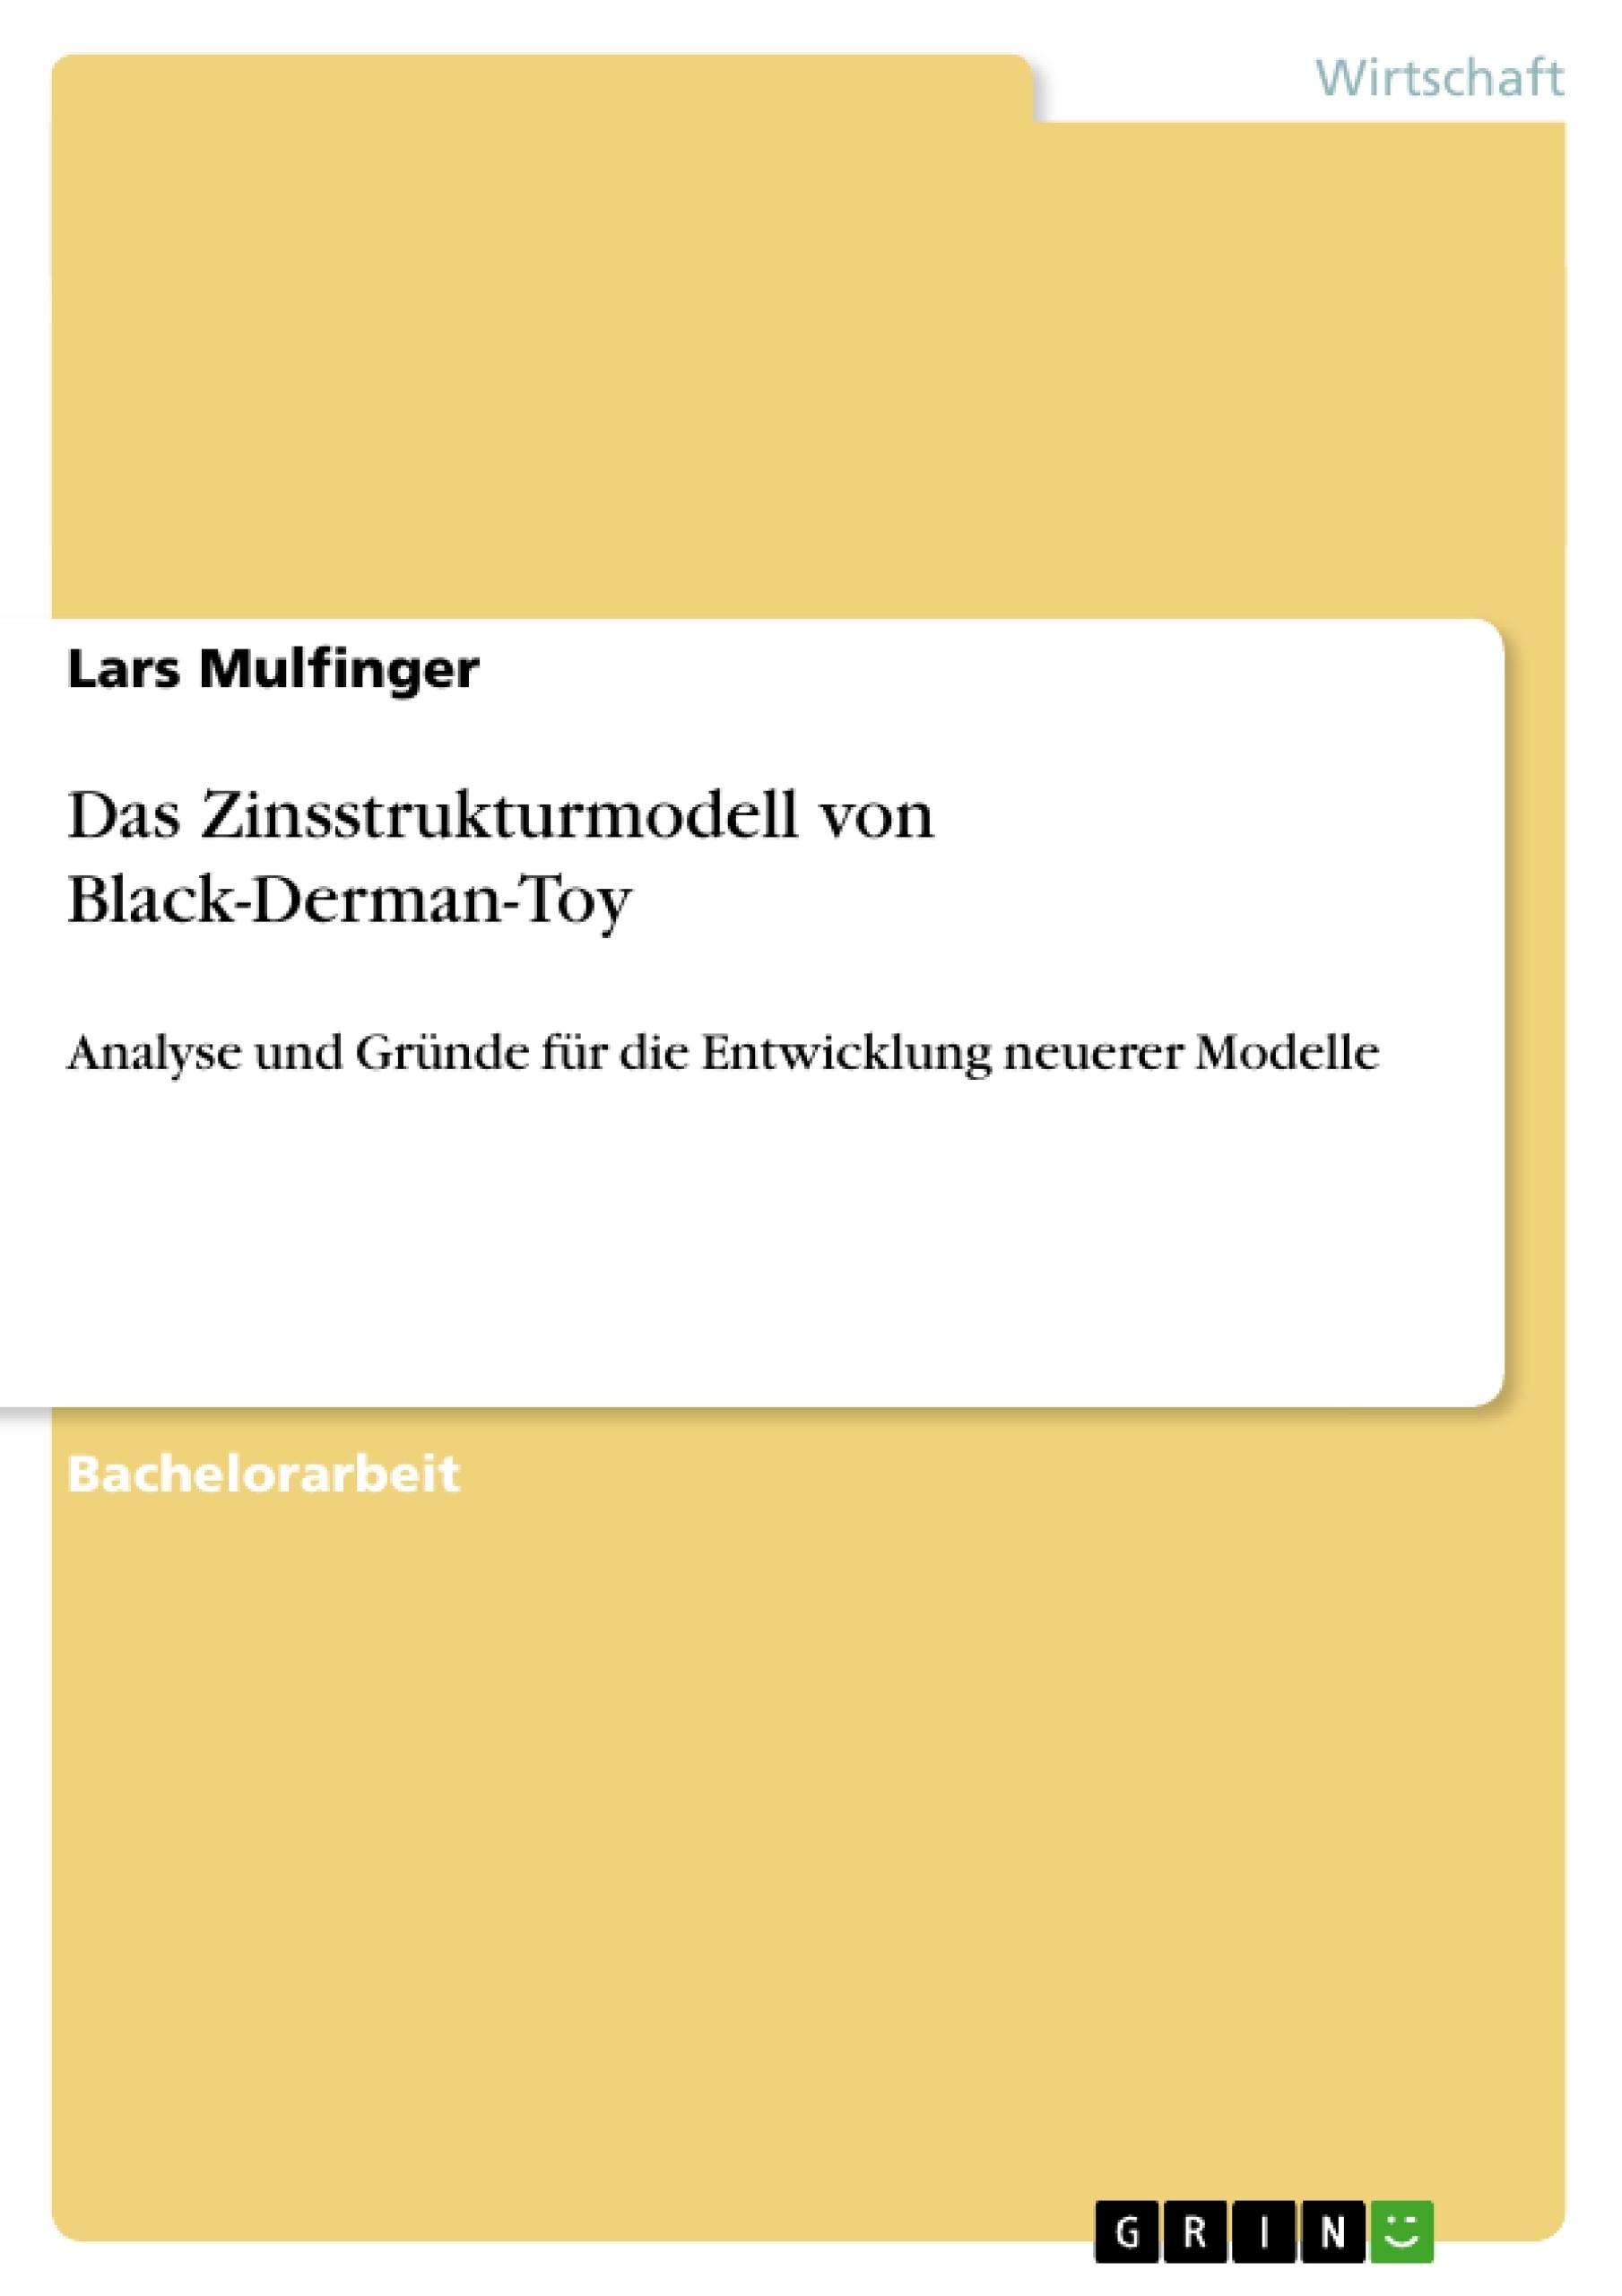 Titel: Das Zinsstrukturmodell von Black-Derman-Toy